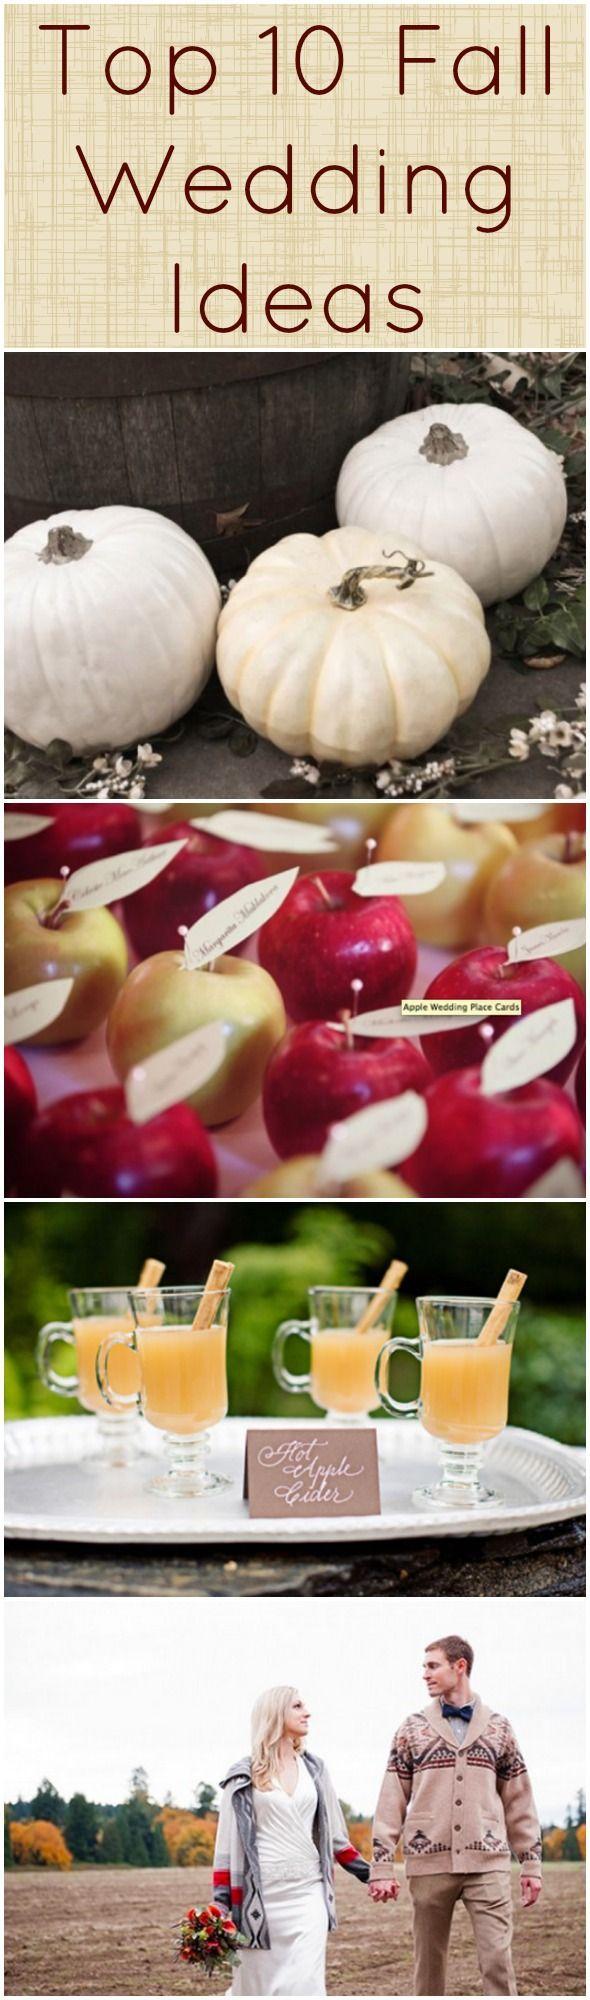 268 best Wedding Design, DIY and Inspiration images on Pinterest ...